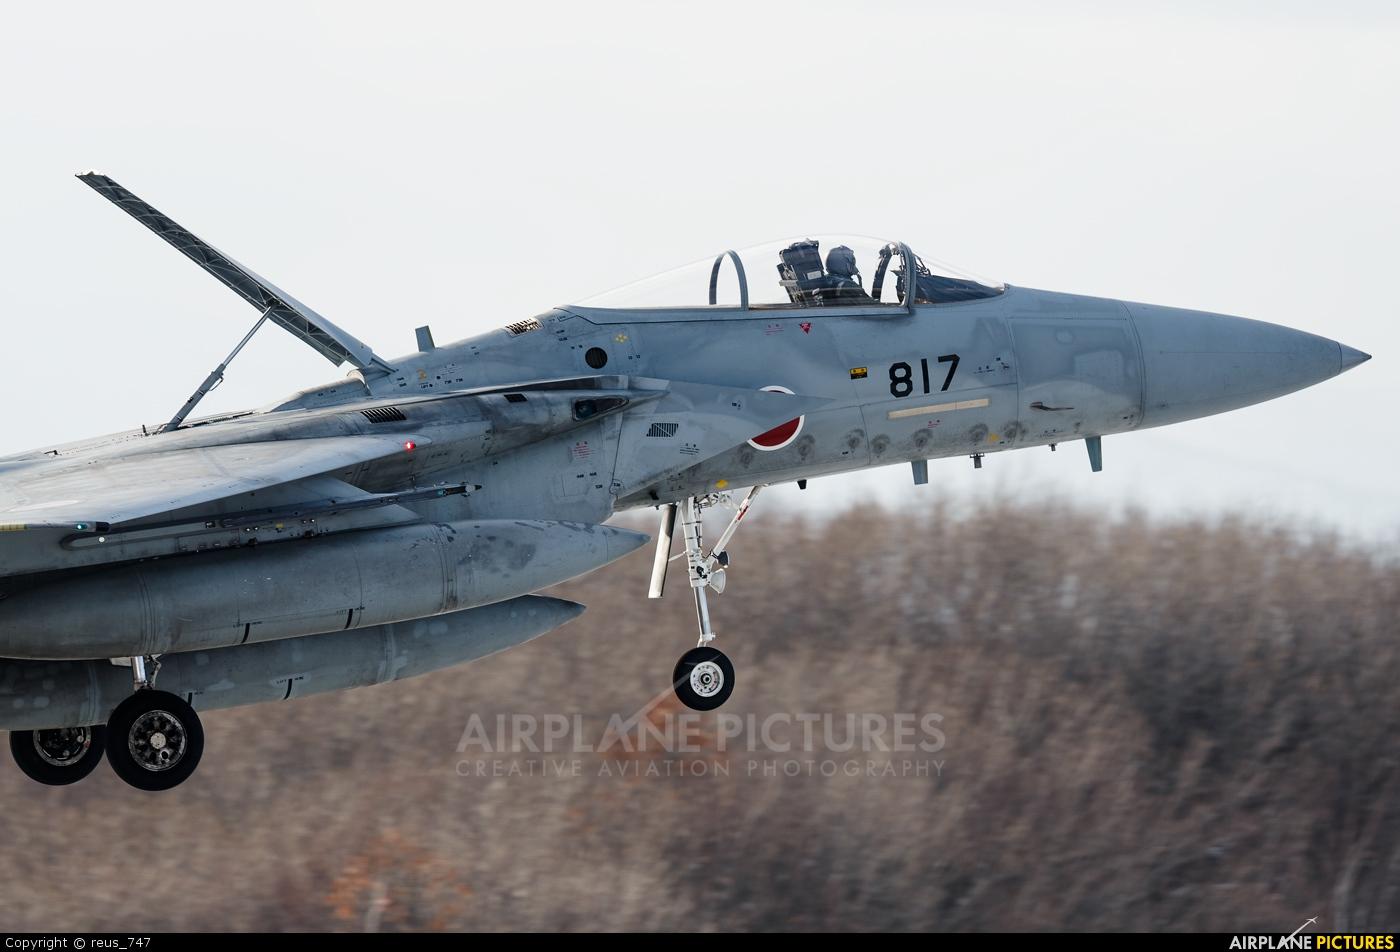 Japan - Air Self Defence Force 32-8817 aircraft at Chitose AB